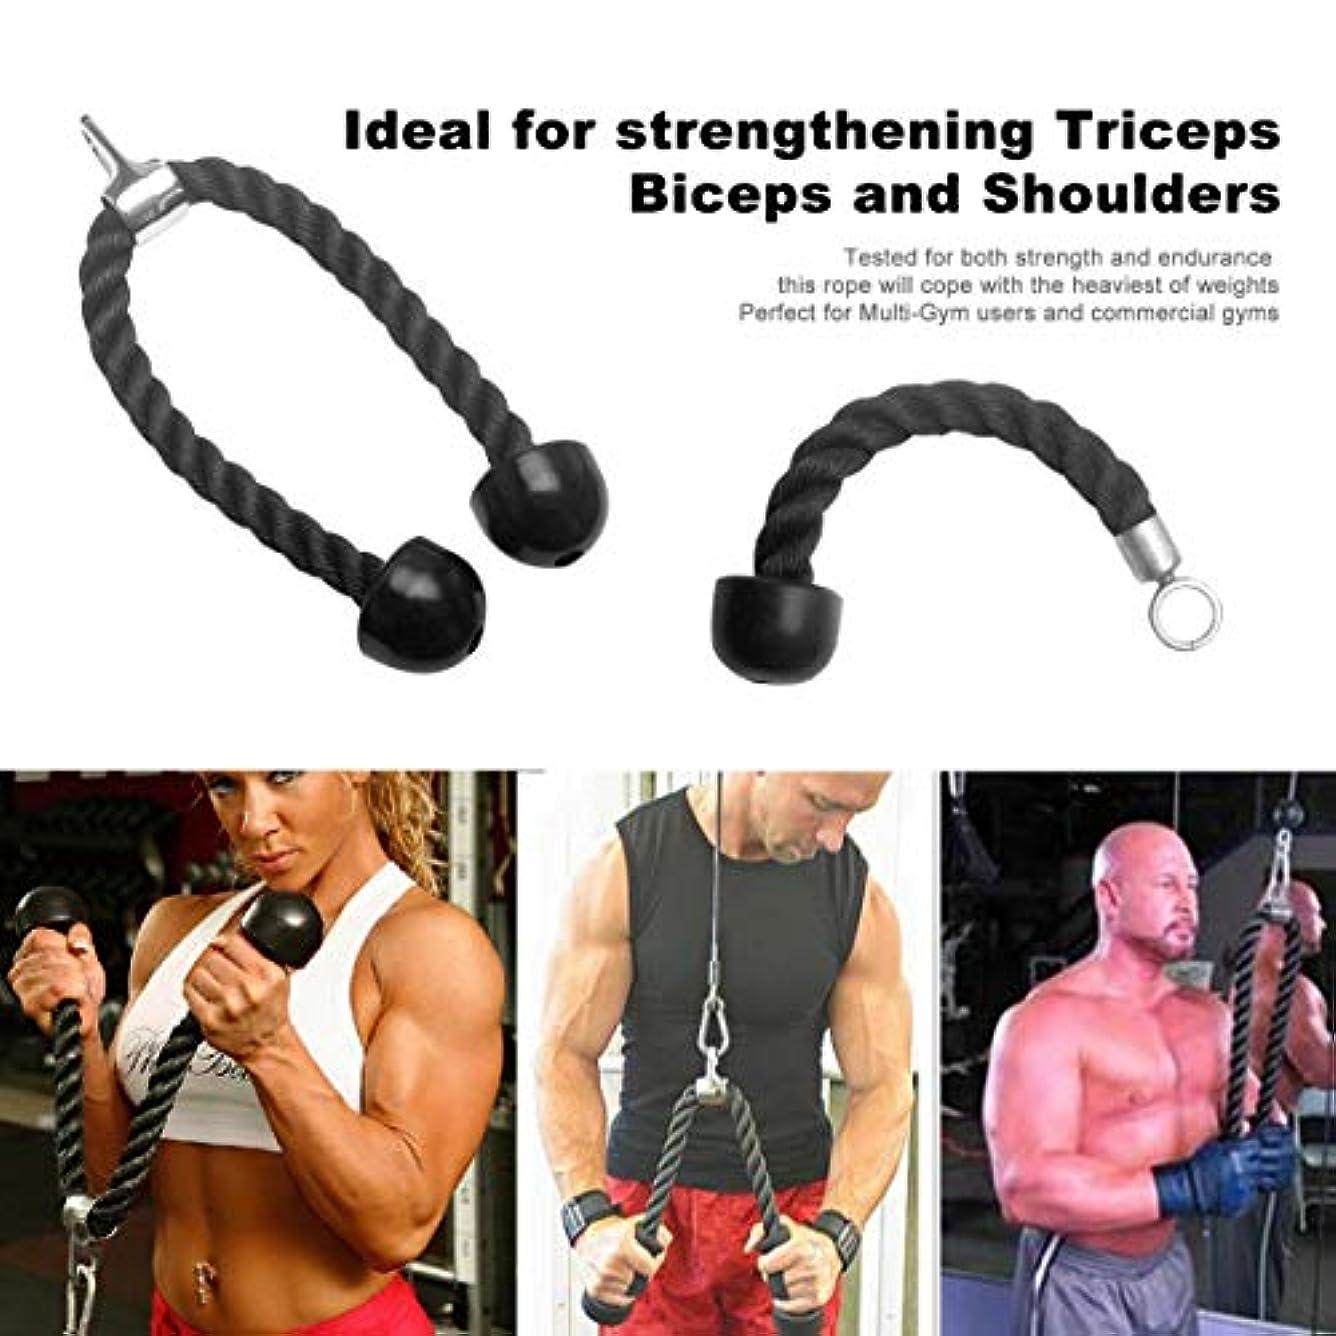 上腕三頭筋ロープアタッチメントケーブルボディビルディングプラスチックナイロンジム上腕二頭筋肩フィットネストレーニングケーブル(黒)